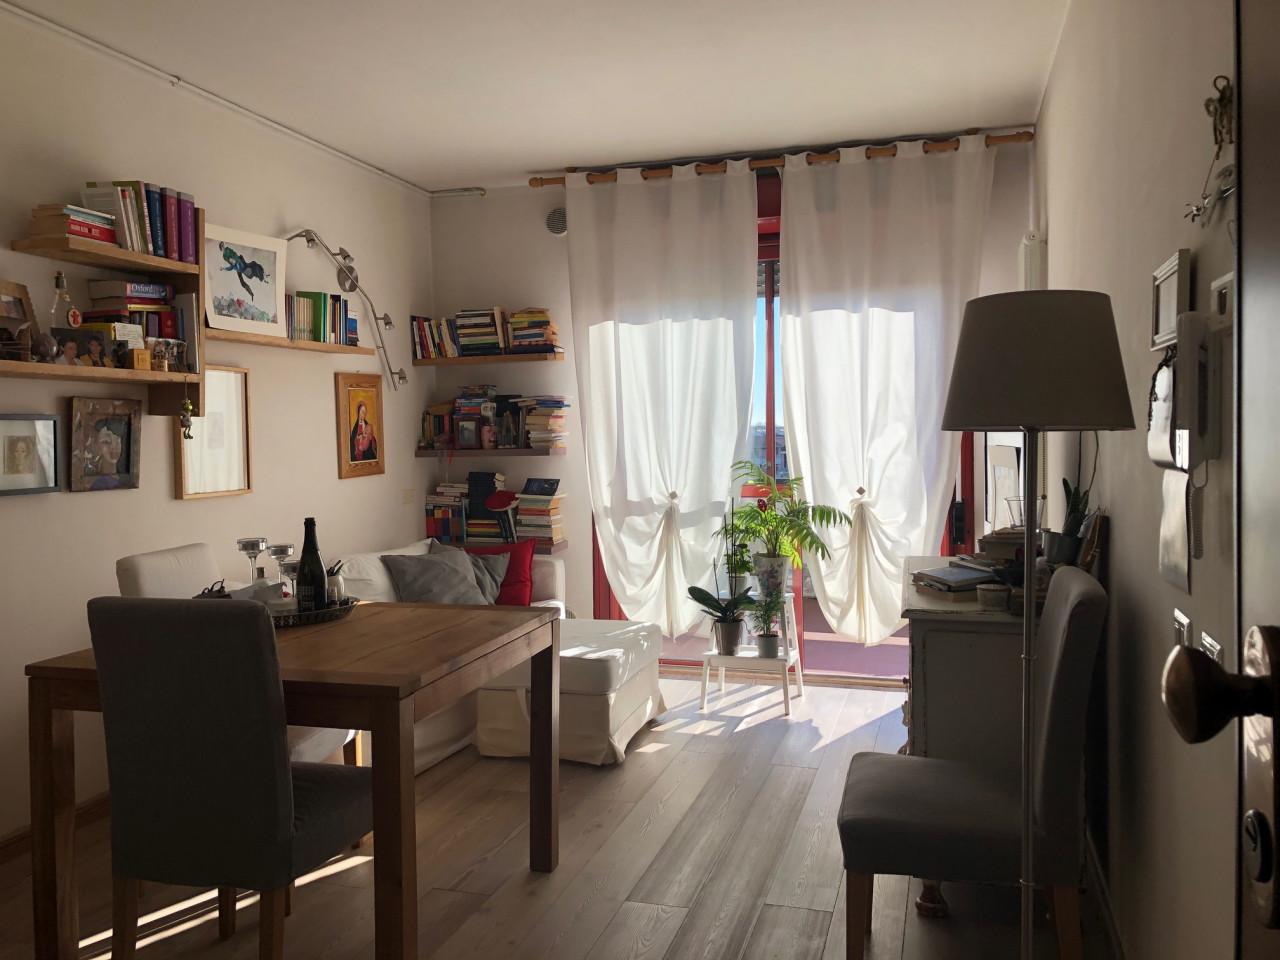 R486 MINI APPARTAMENTO CON AMPIO TERRAZZO https://media.gestionaleimmobiliare.it/foto/annunci/200228/2196162/1280x1280/999__06_Appartamento_Vendita_Montegrotto_Terme.jpg